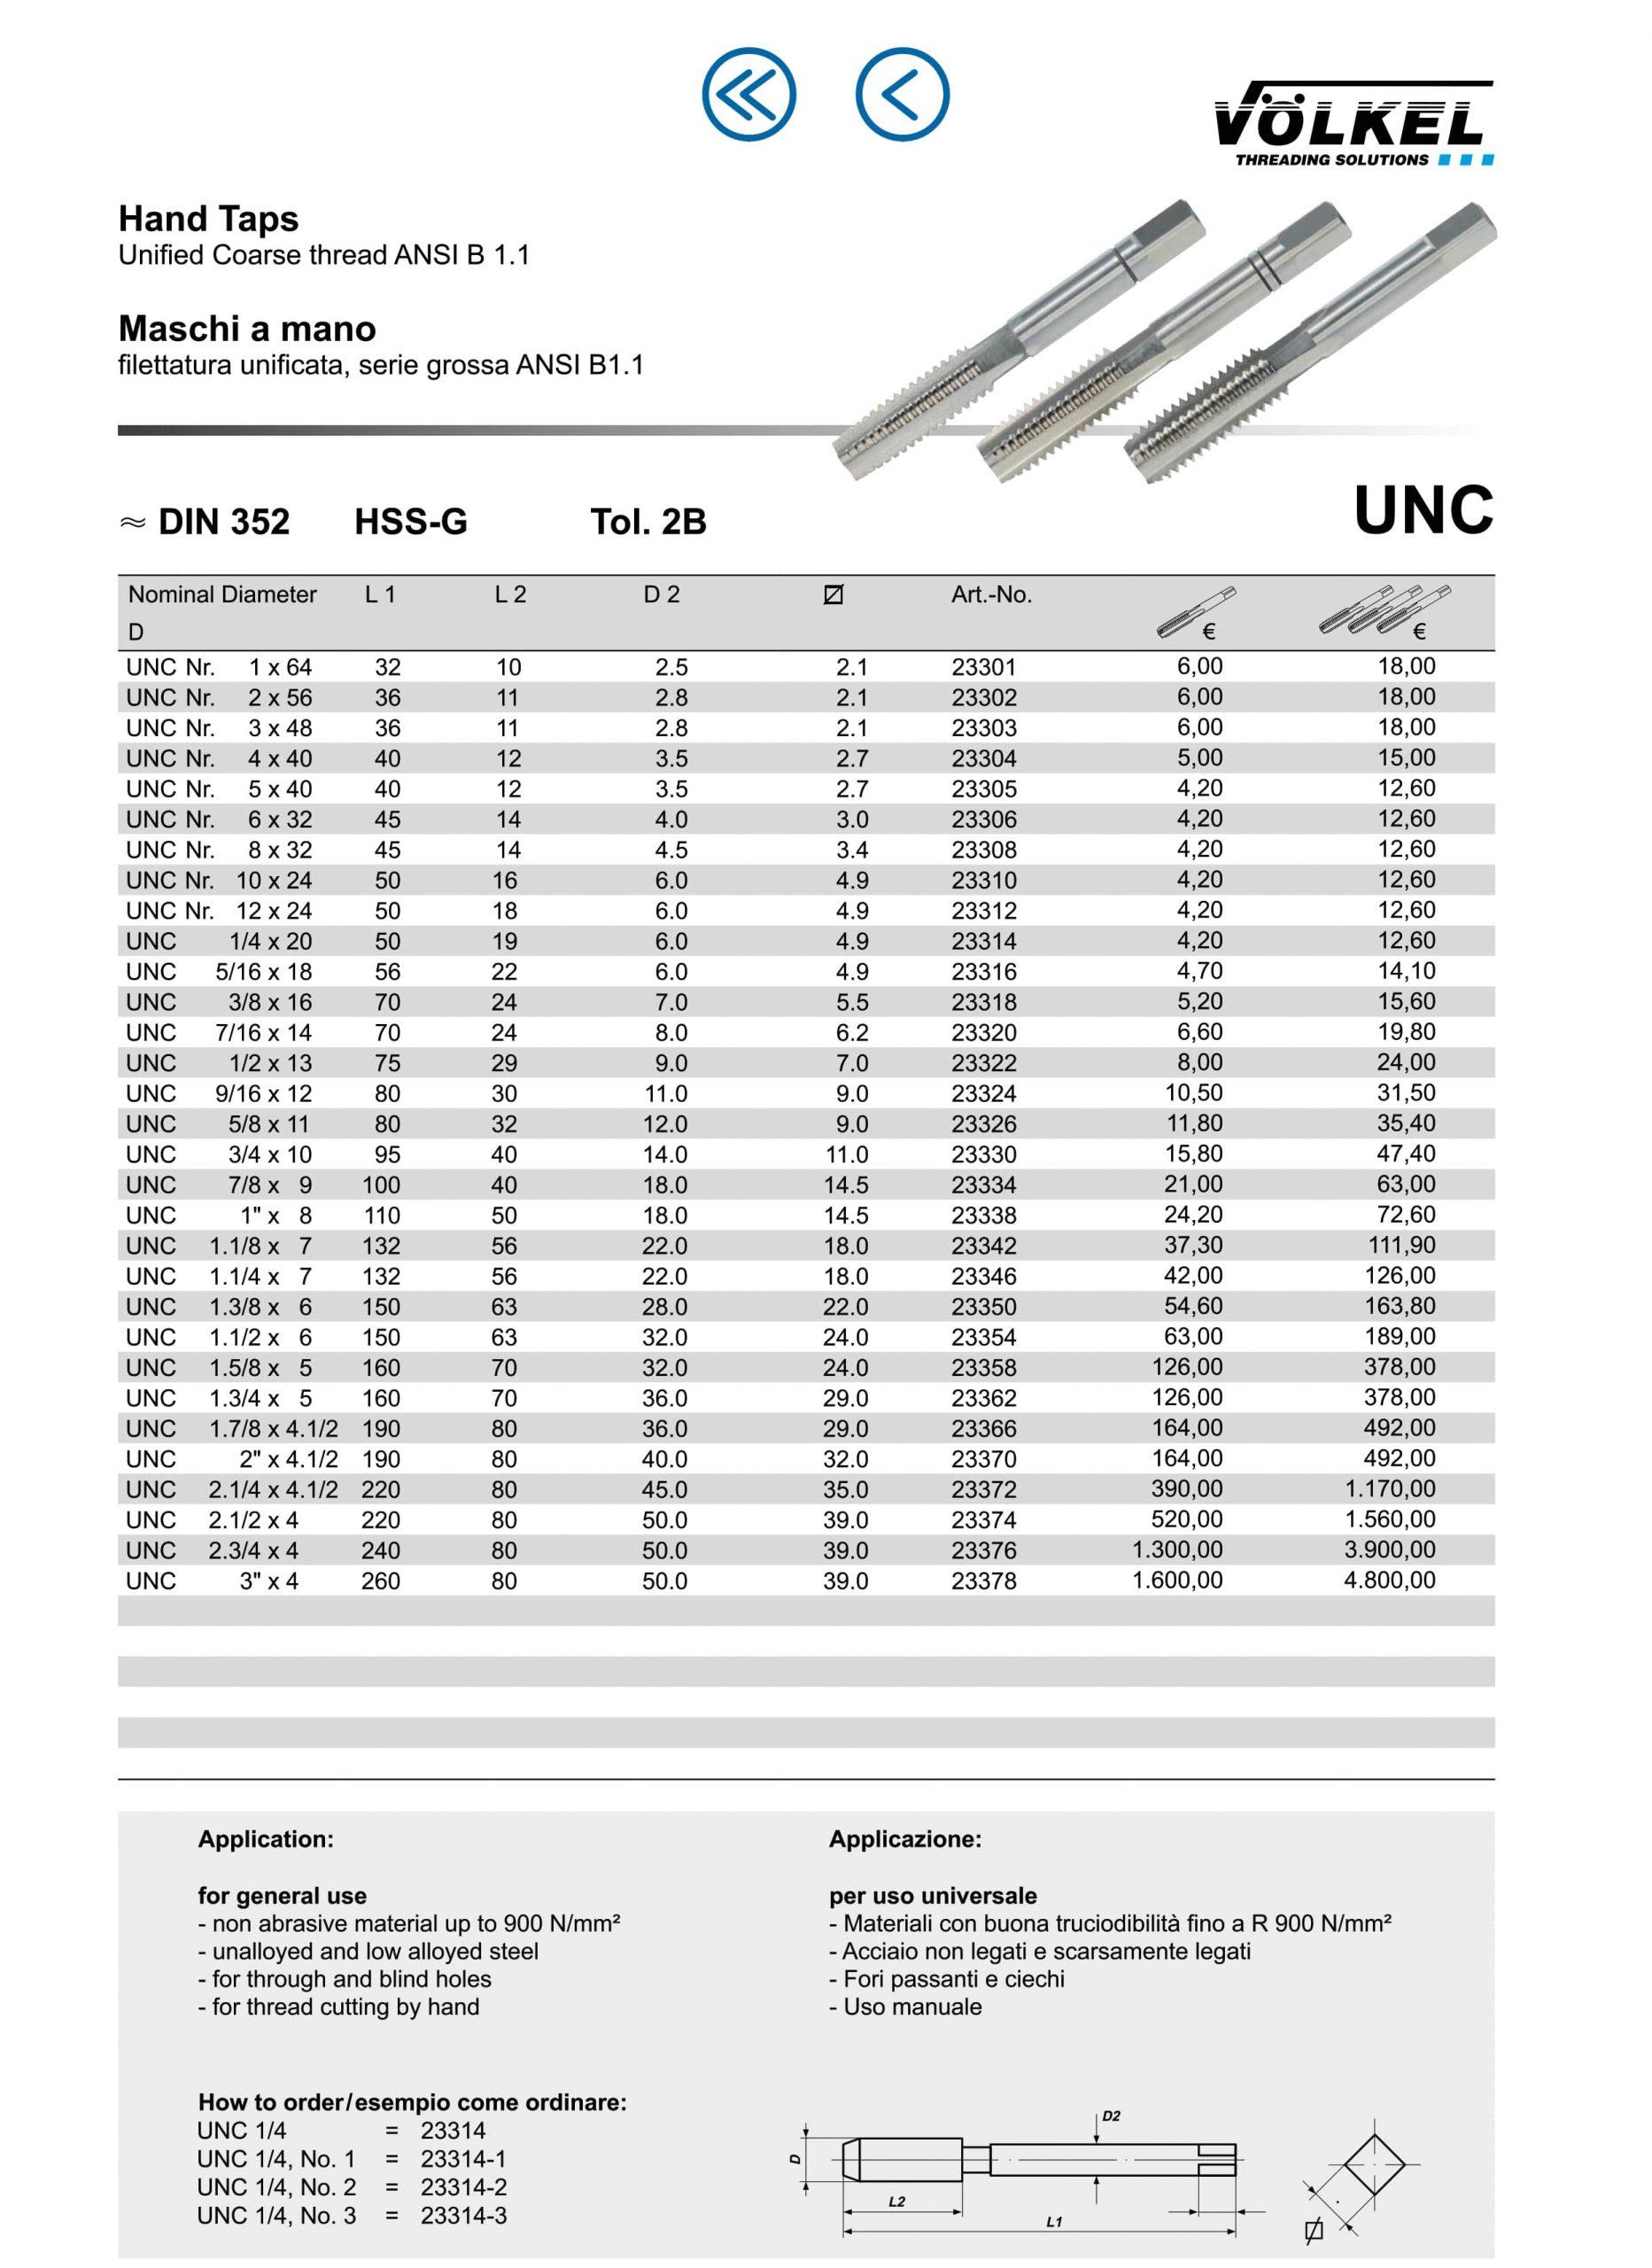 کاتالوگ قلاویز دستی اینچی UNC ولکل volkel